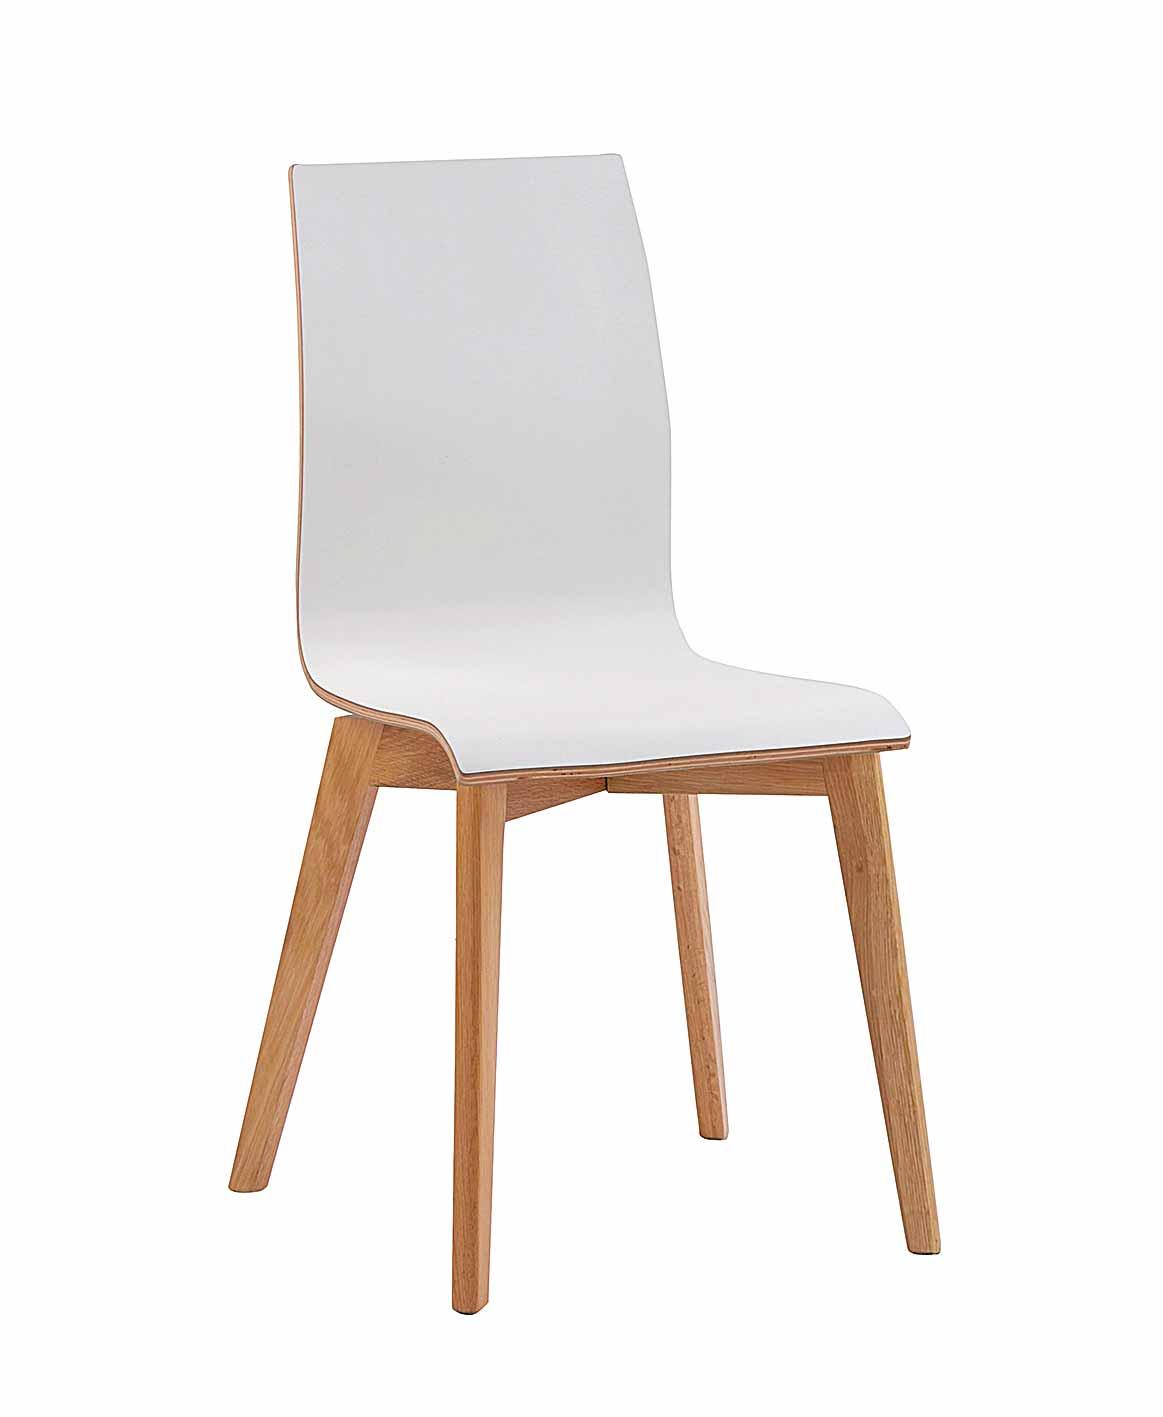 ROWICO Grace spisebordsstol - hvid laminat/egetræ